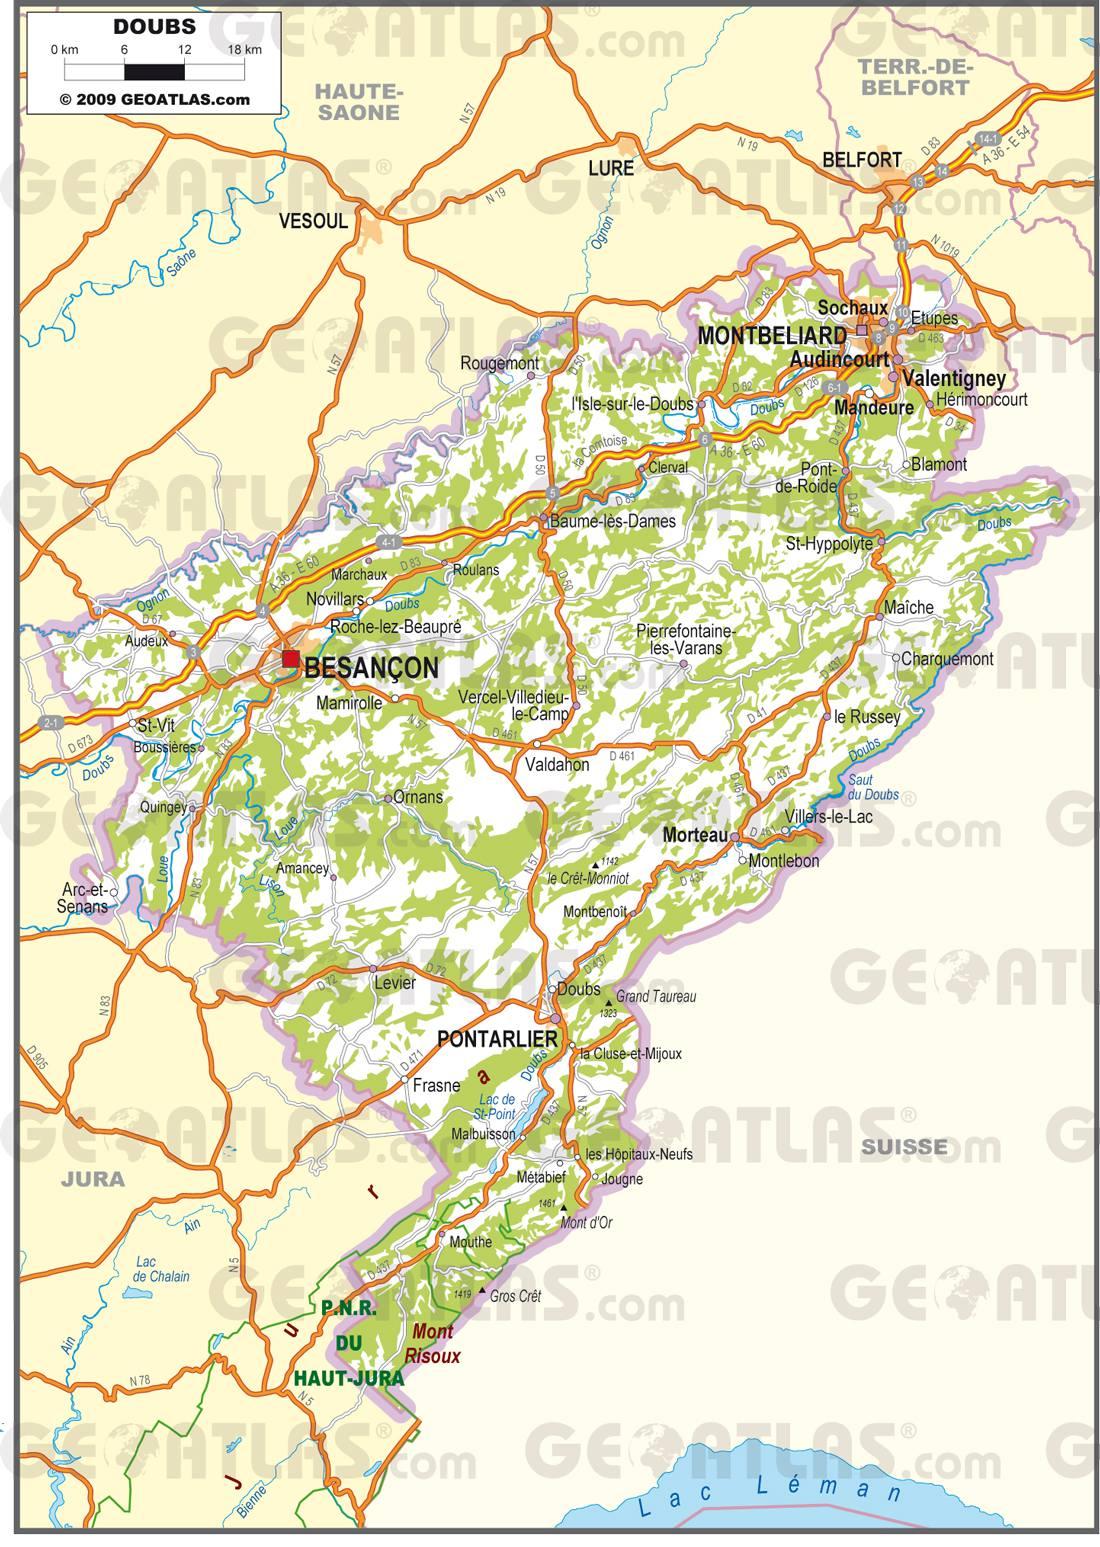 Carte routière du Doubs